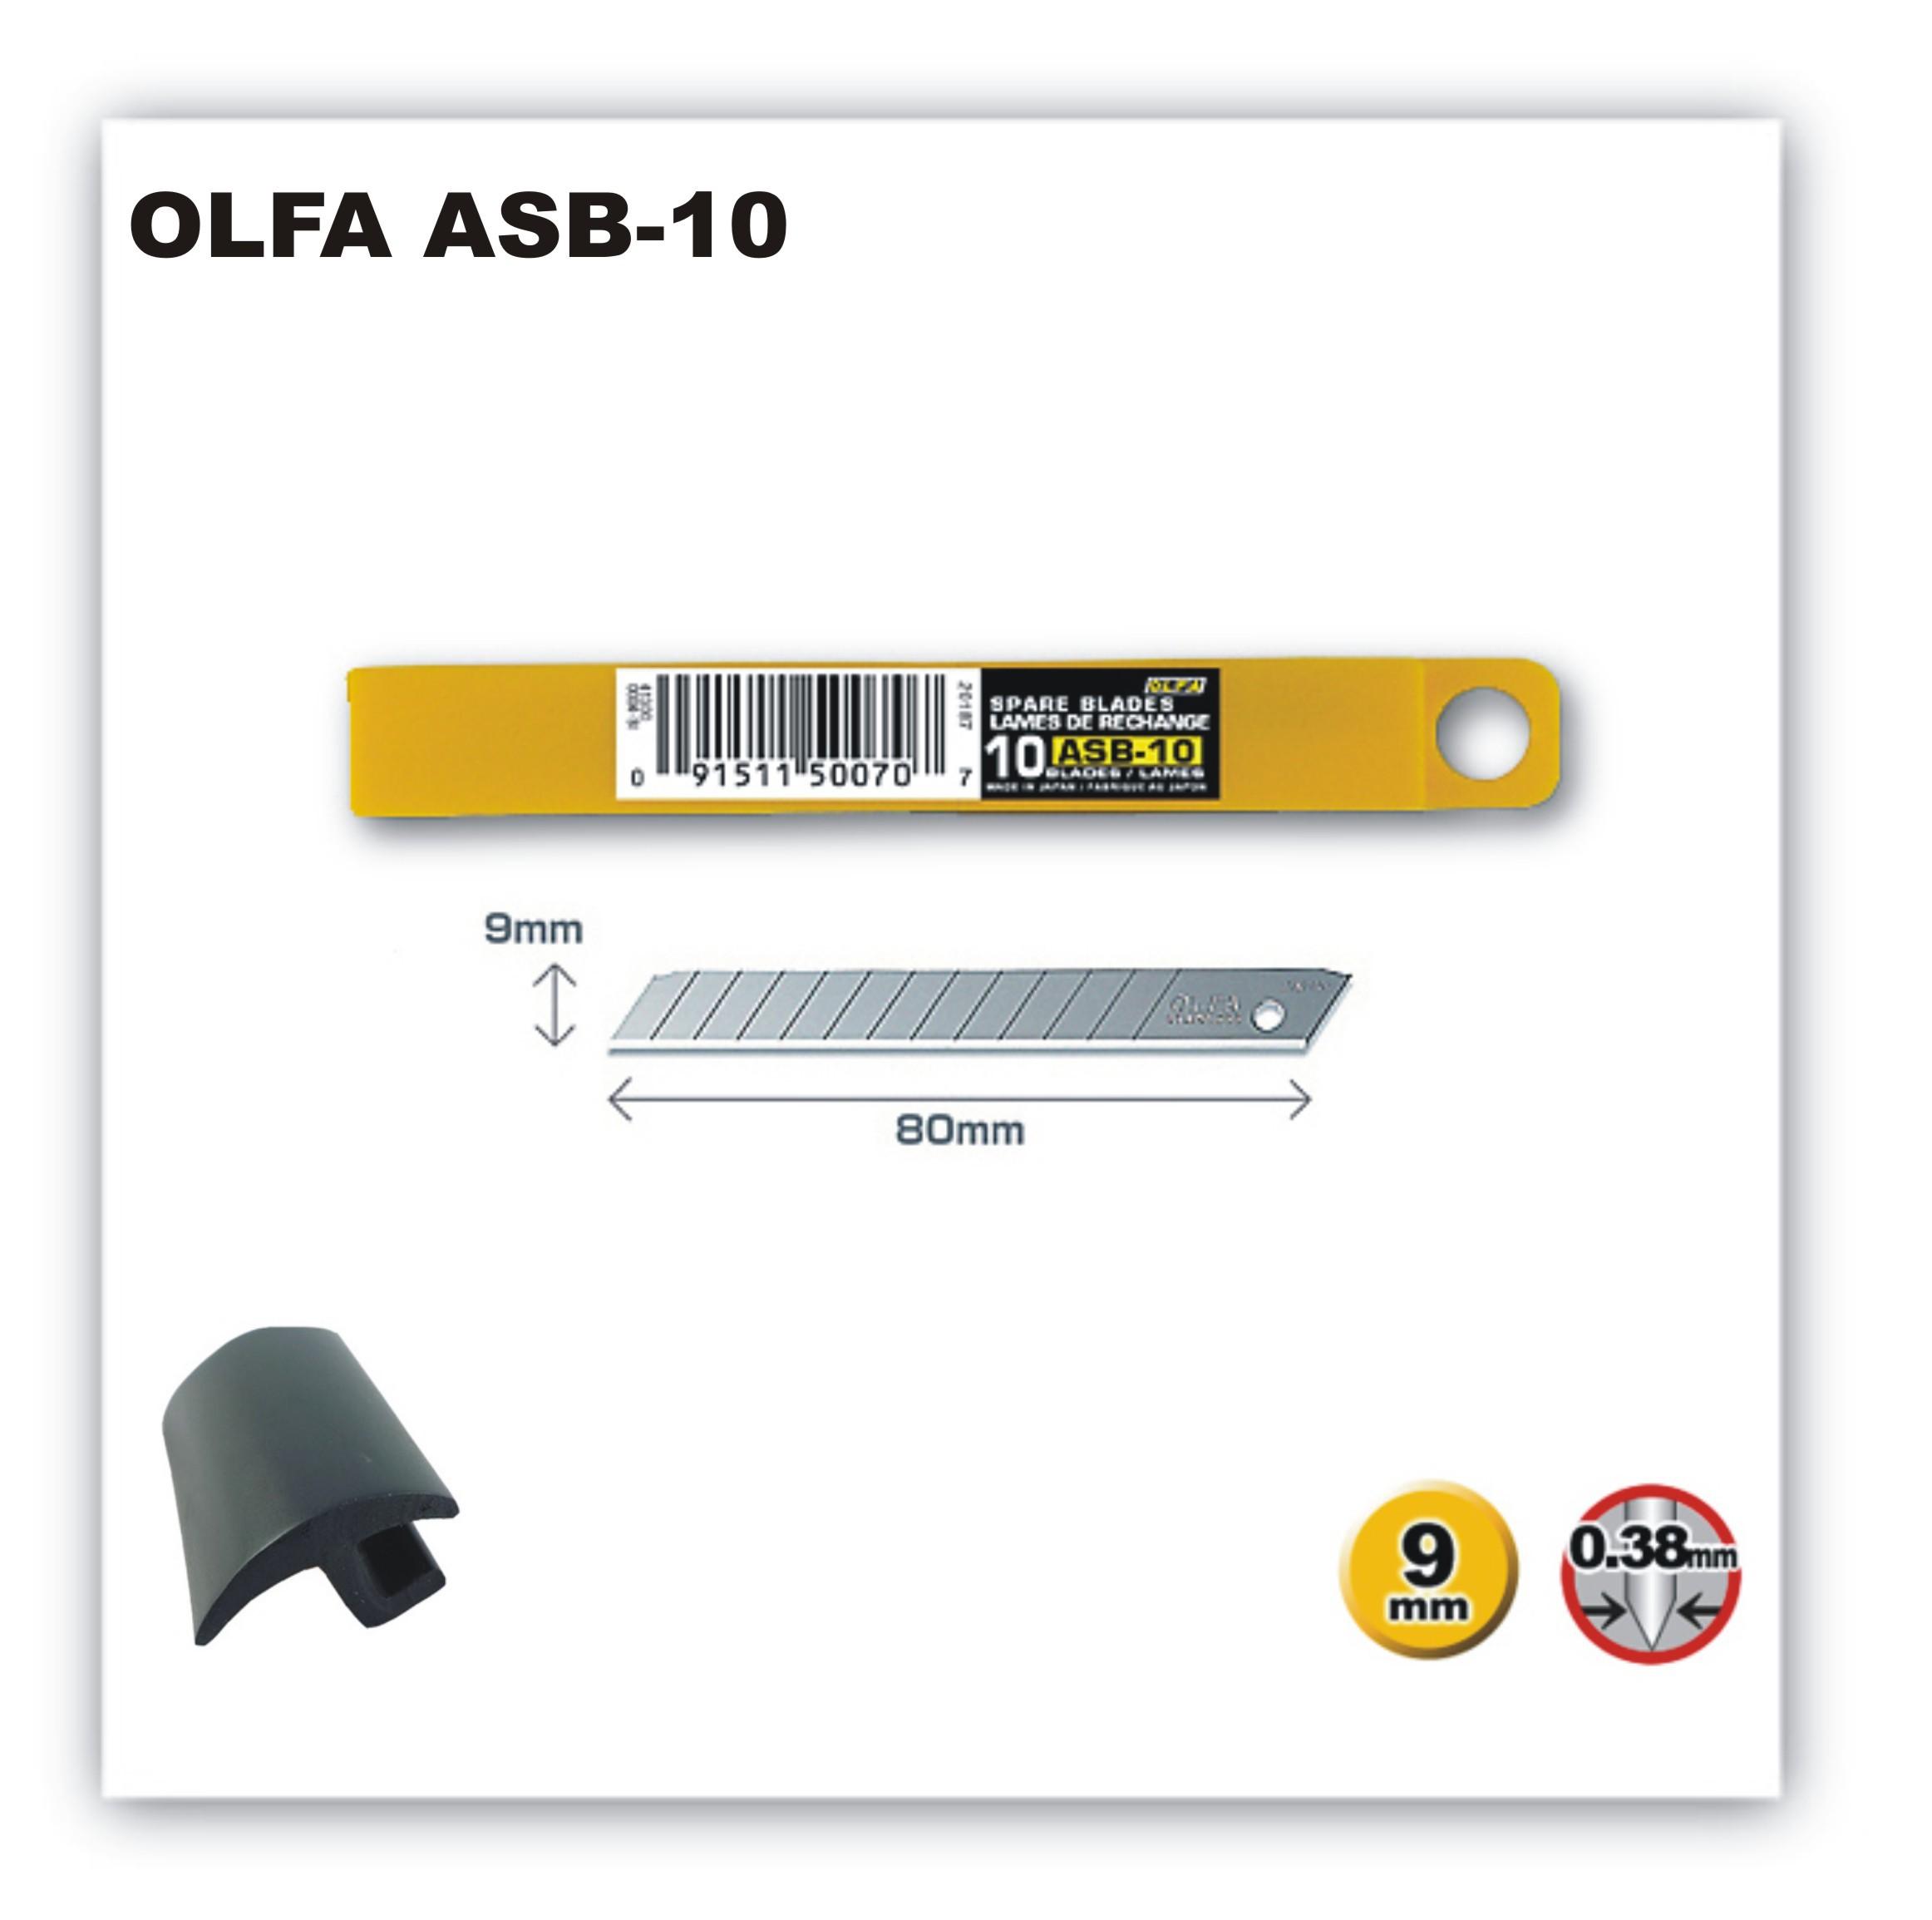 9 mm-es standard Olfa penge ?OLFA ASB-10